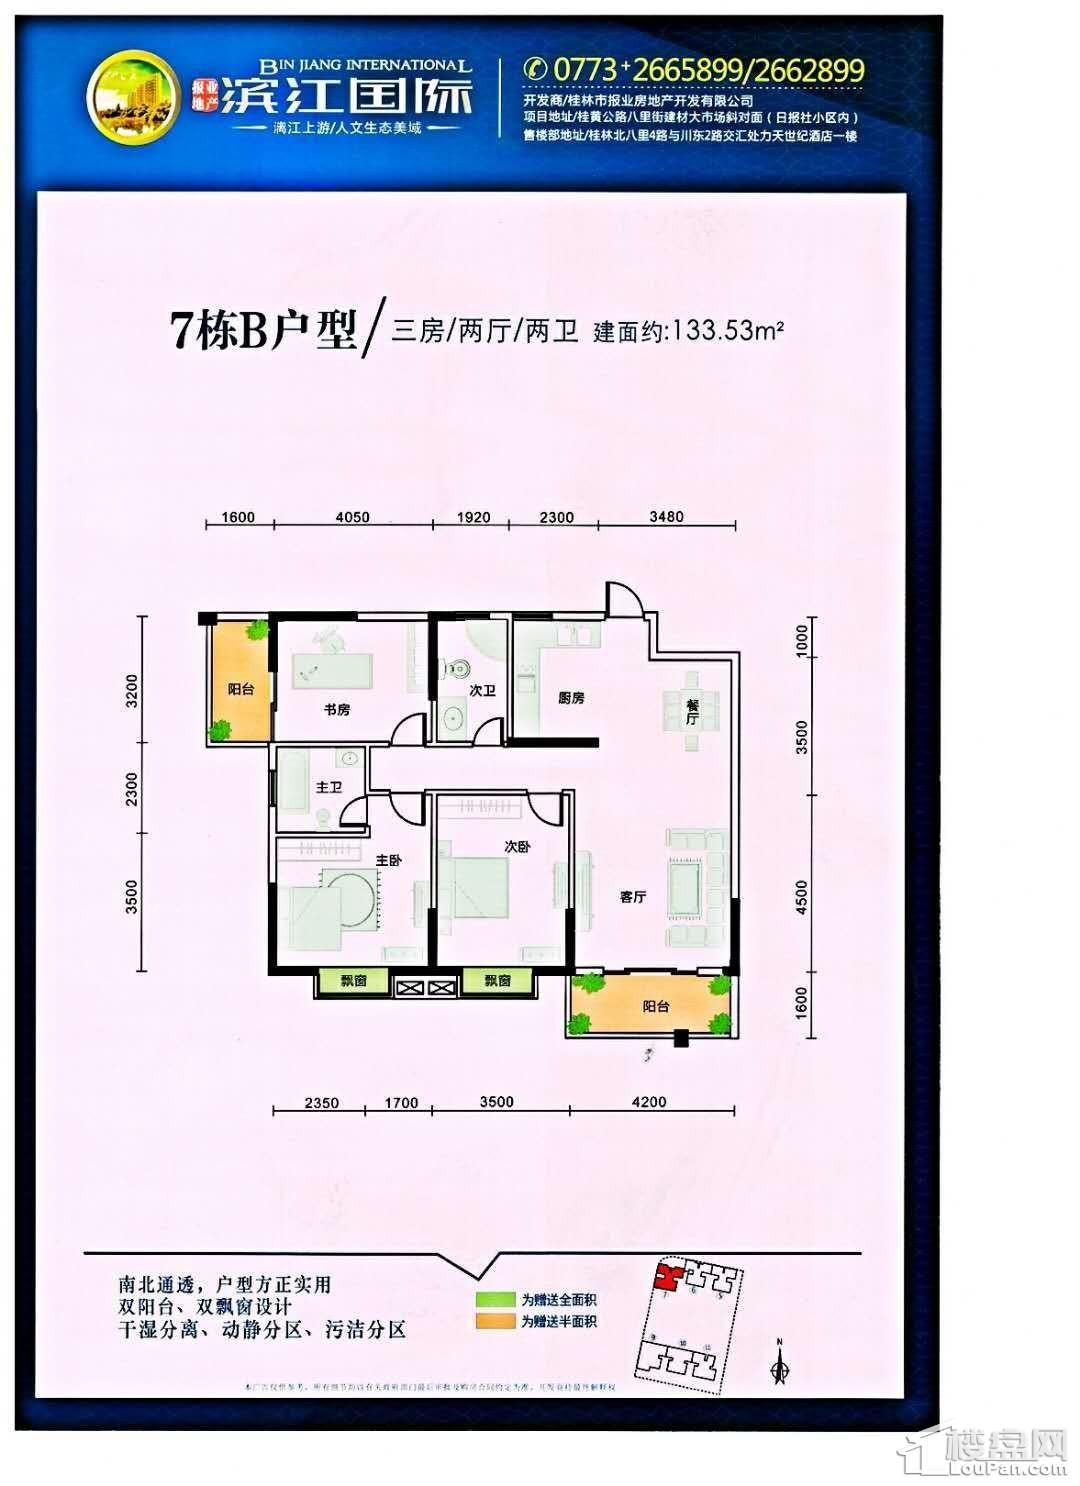 滨江国际桂林日报社小区 -7#B户型